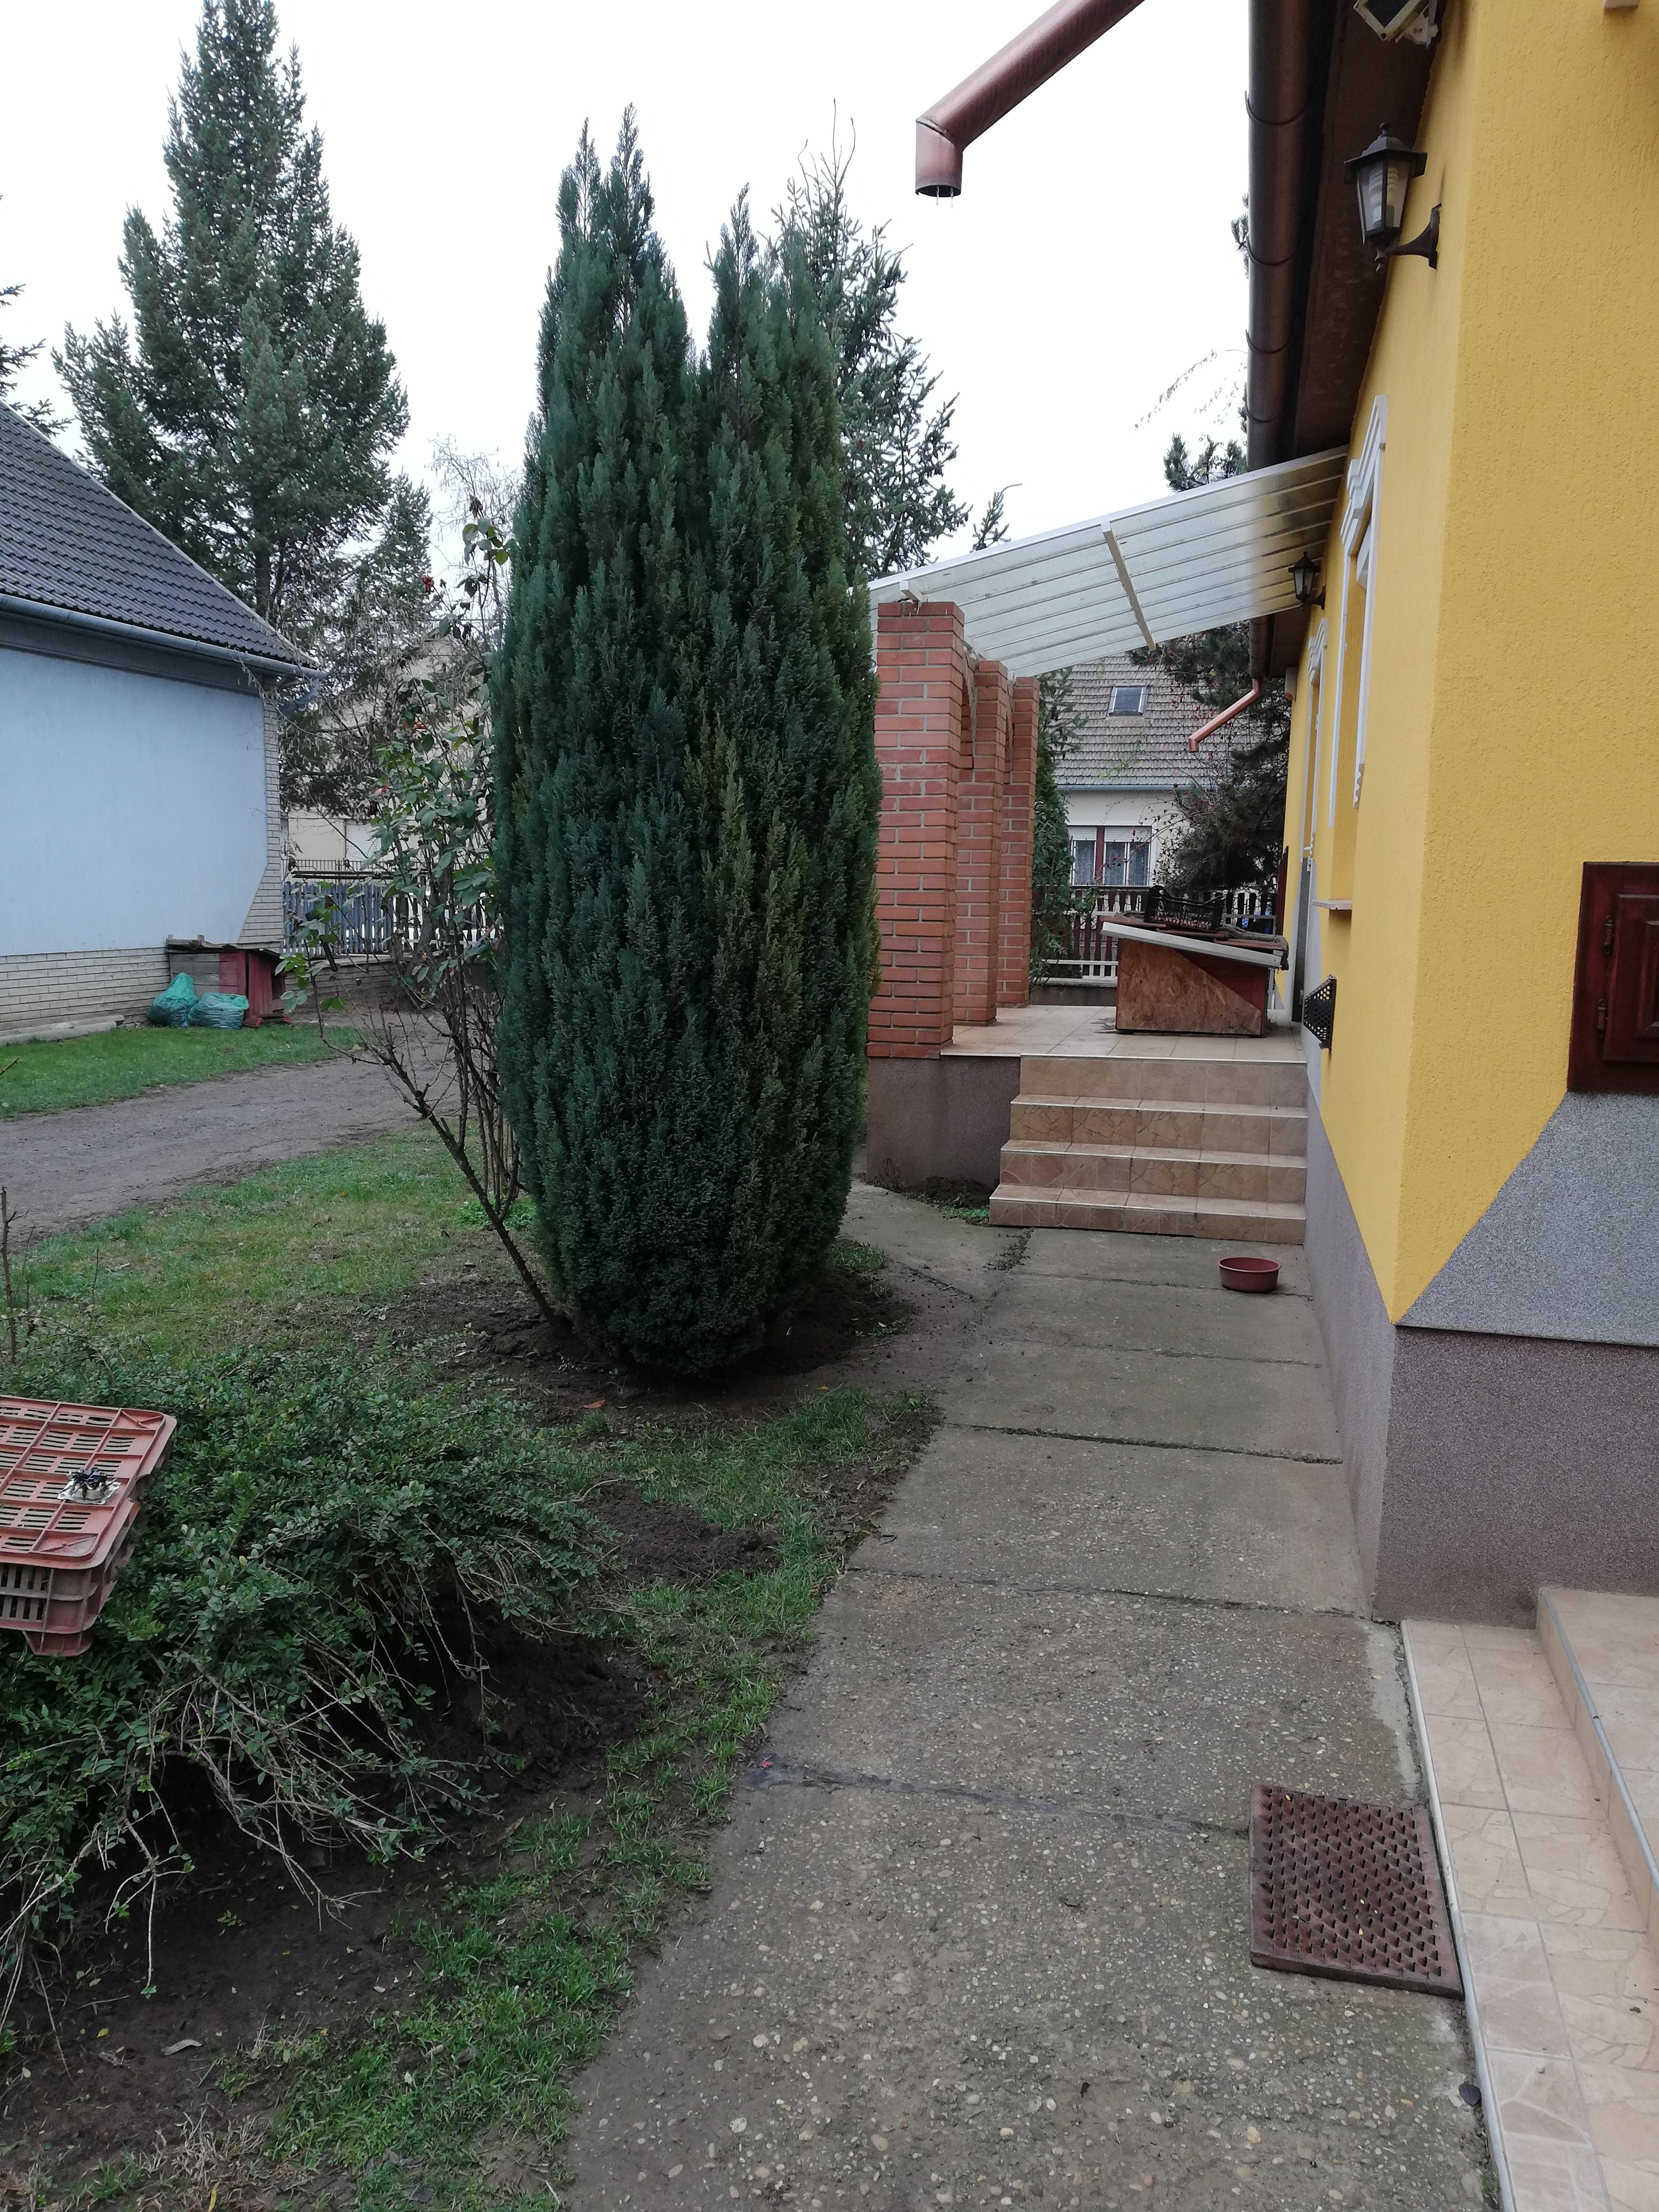 Eladó Lajosmizse, Béke úton 117 m2-es családi ház